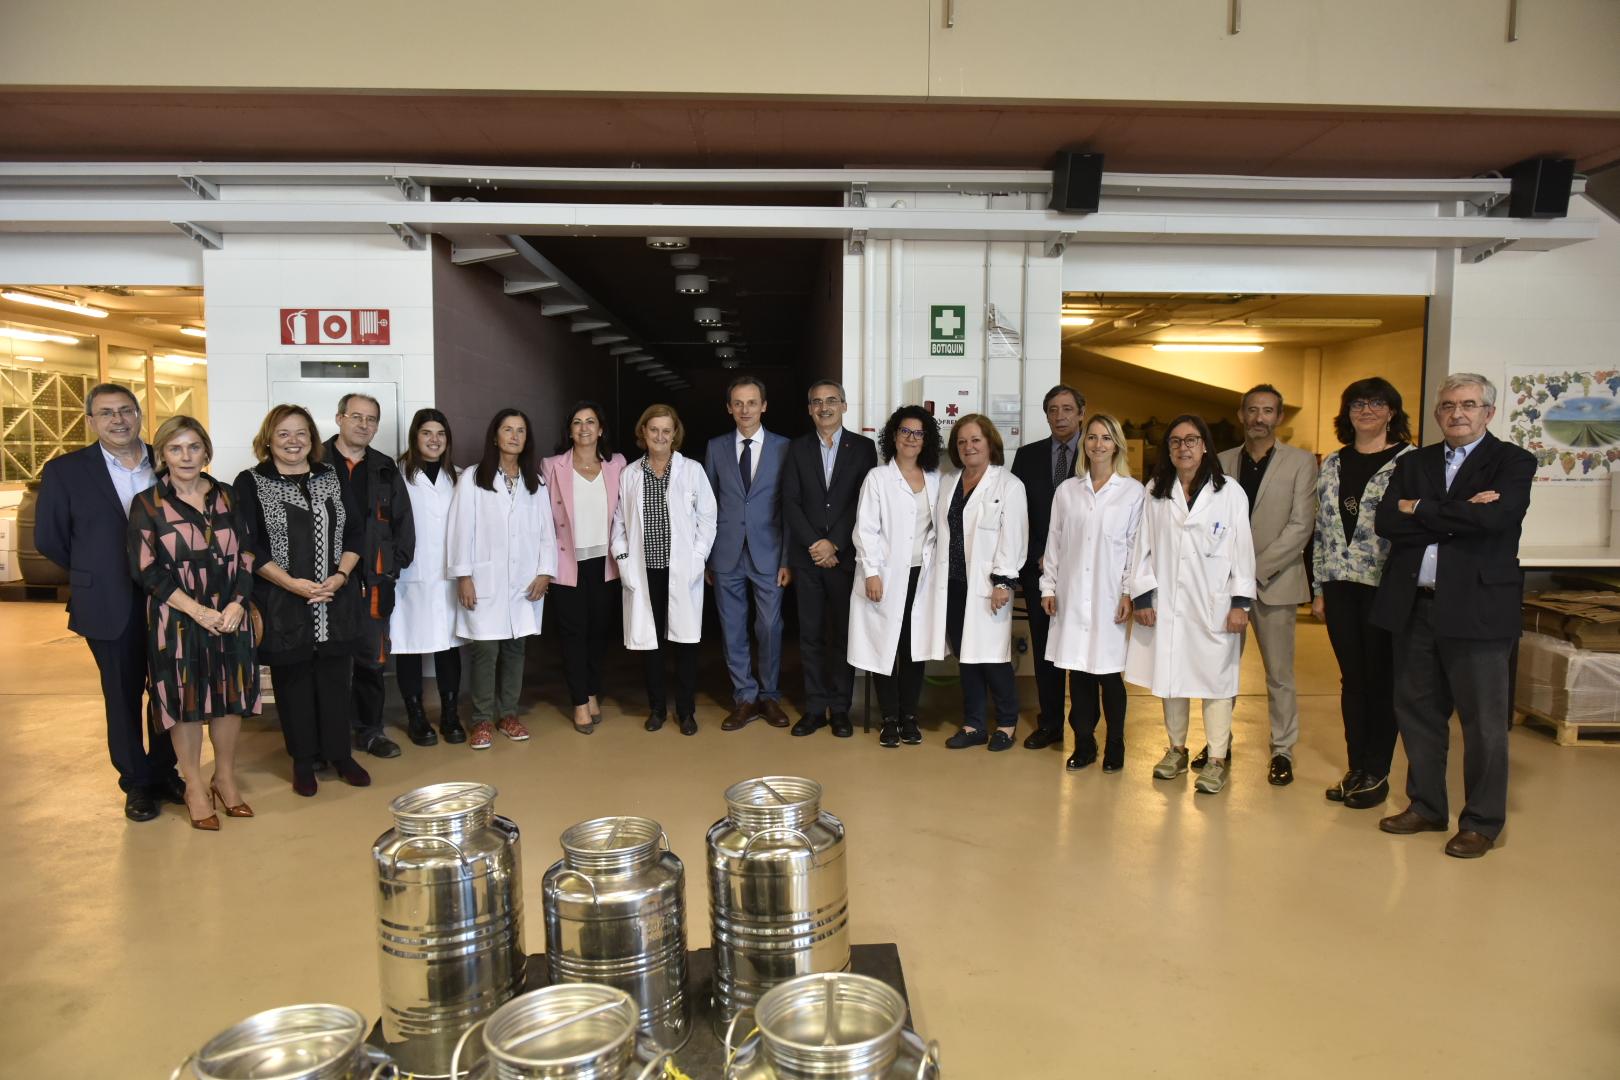 imagen de El ministro en funciones de Ciencia, Pedro Duque; la presidenta de La Rioja, Concha Andreu; el secretario general de Coordinación de Política Científica, Rafael Rodrigo; y la presidenta del CSIC, Rosa Menéndez; entre otras autoridades. / Universidad de La Rioja